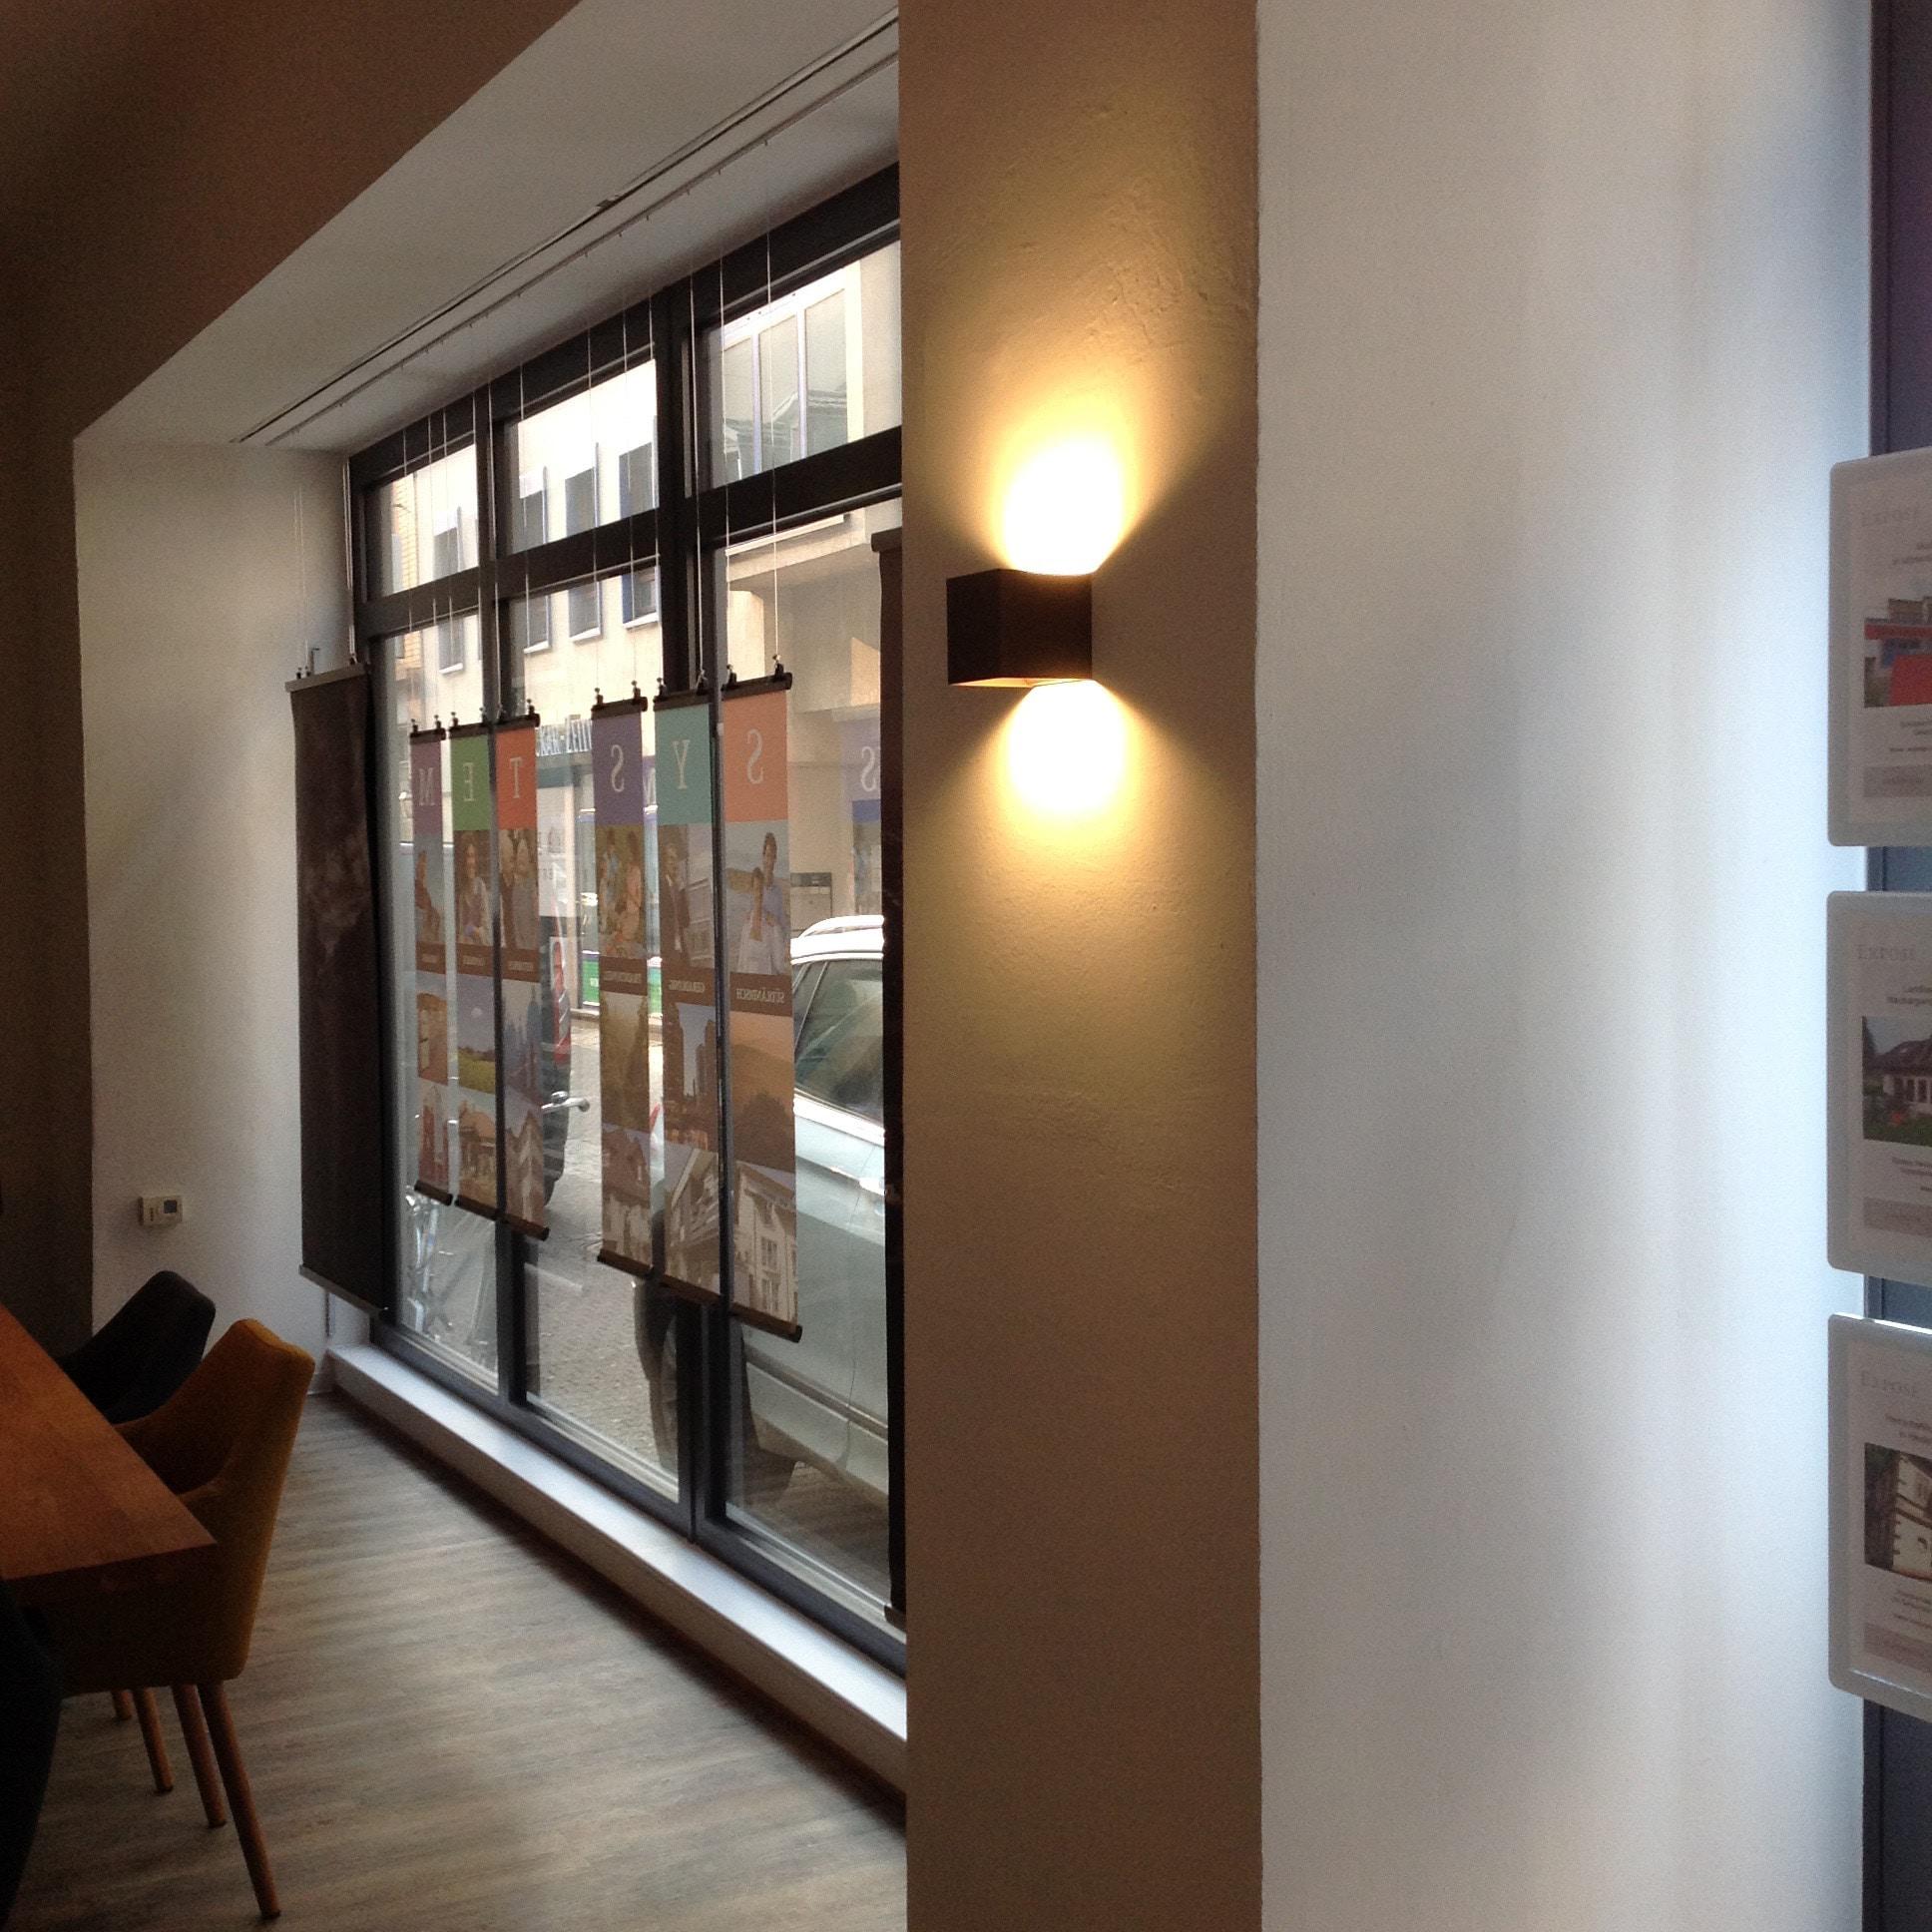 Wandbeleuchtung - Büroeinneneinrichtung Mannheim, Heidelberg - Gaffga Interieur Design. Planung und Ausführung - Lichtplanung - Möbel auf Maß.